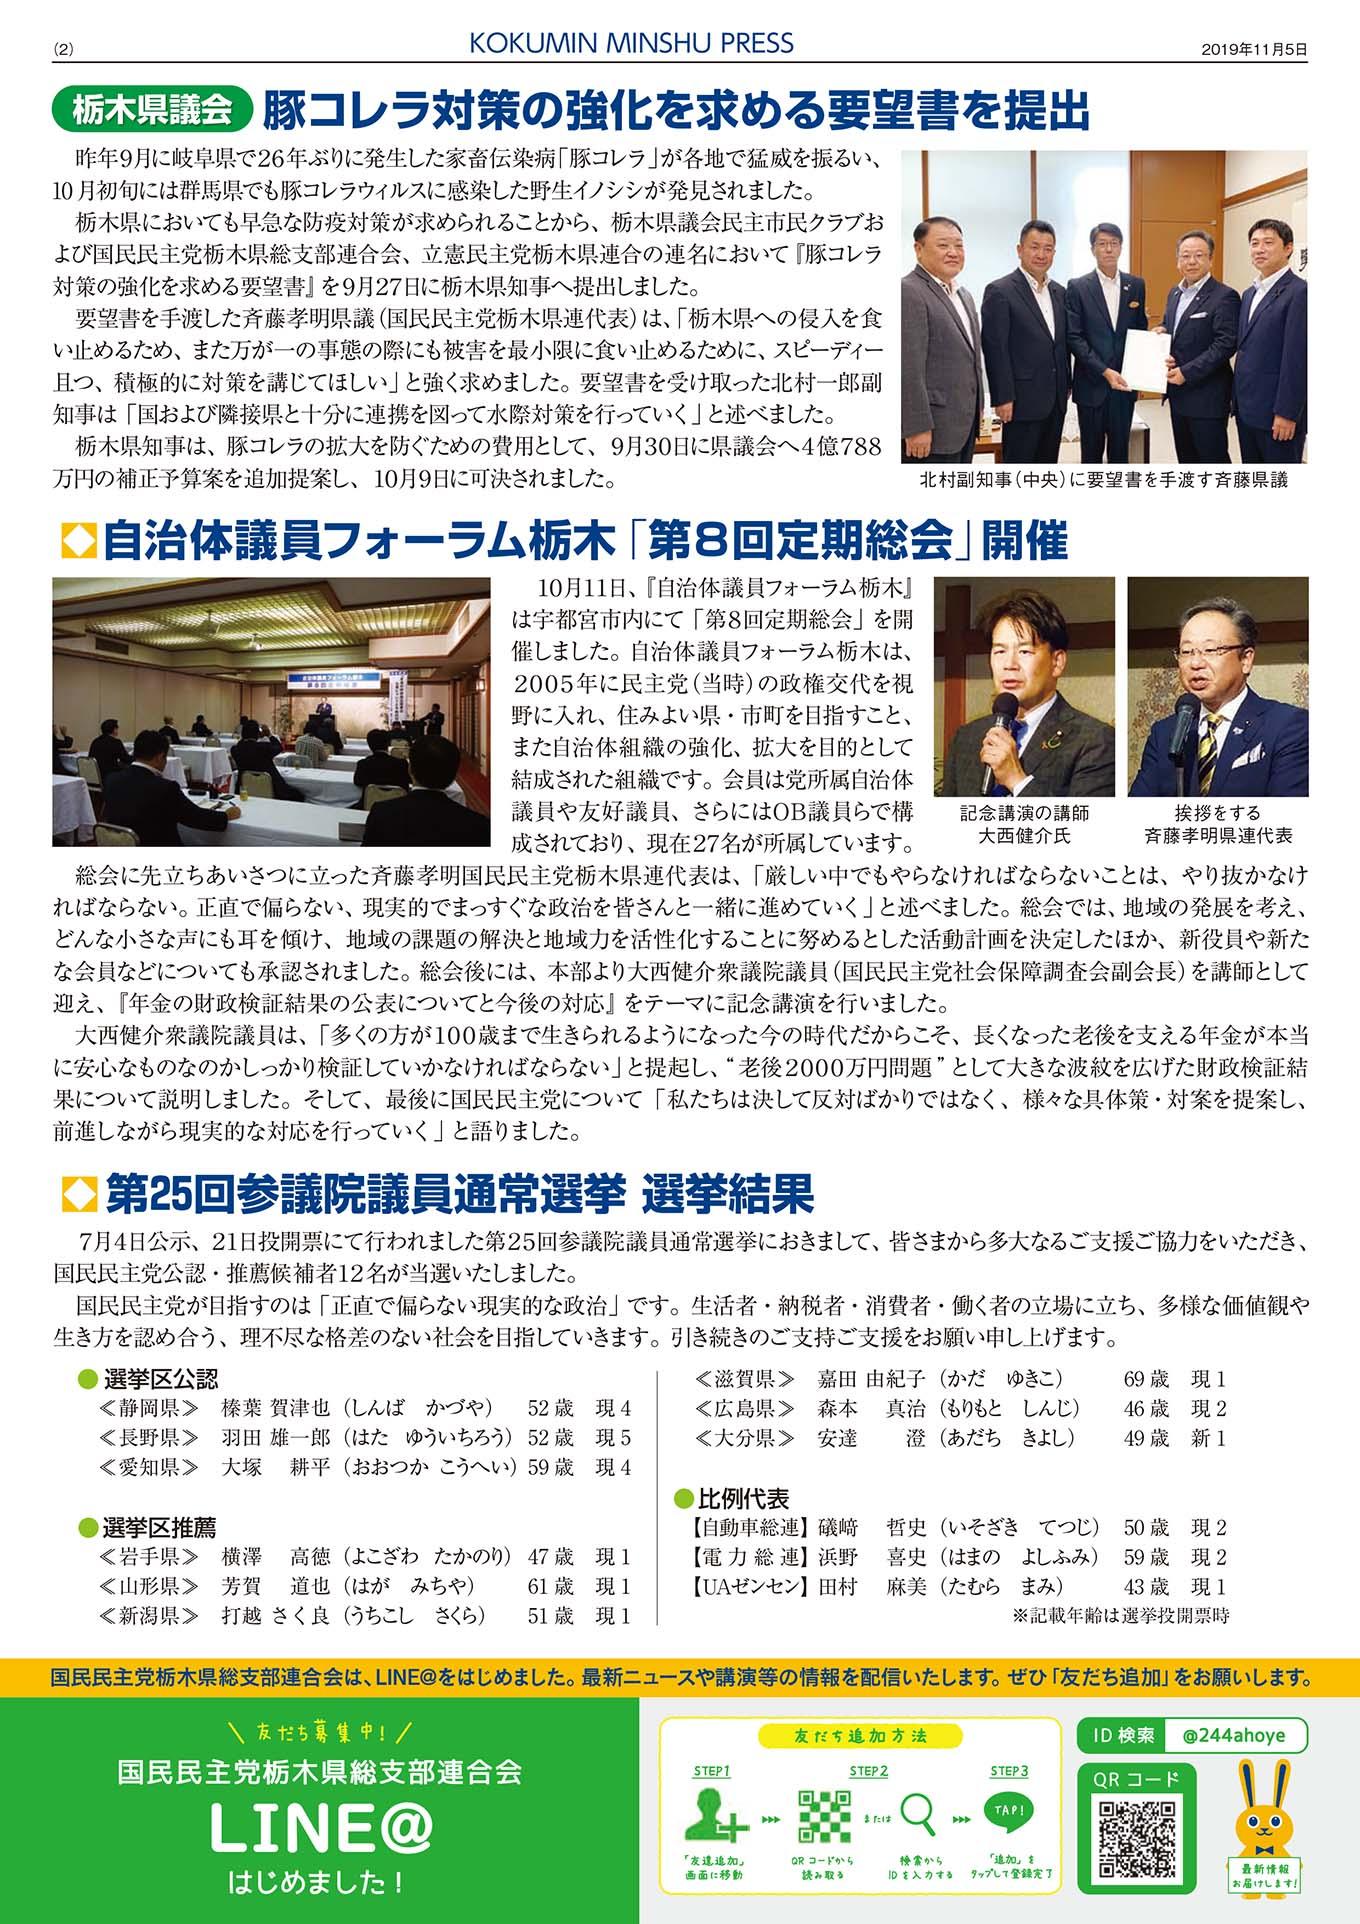 国民民主プレス号外とちぎ_201911-2